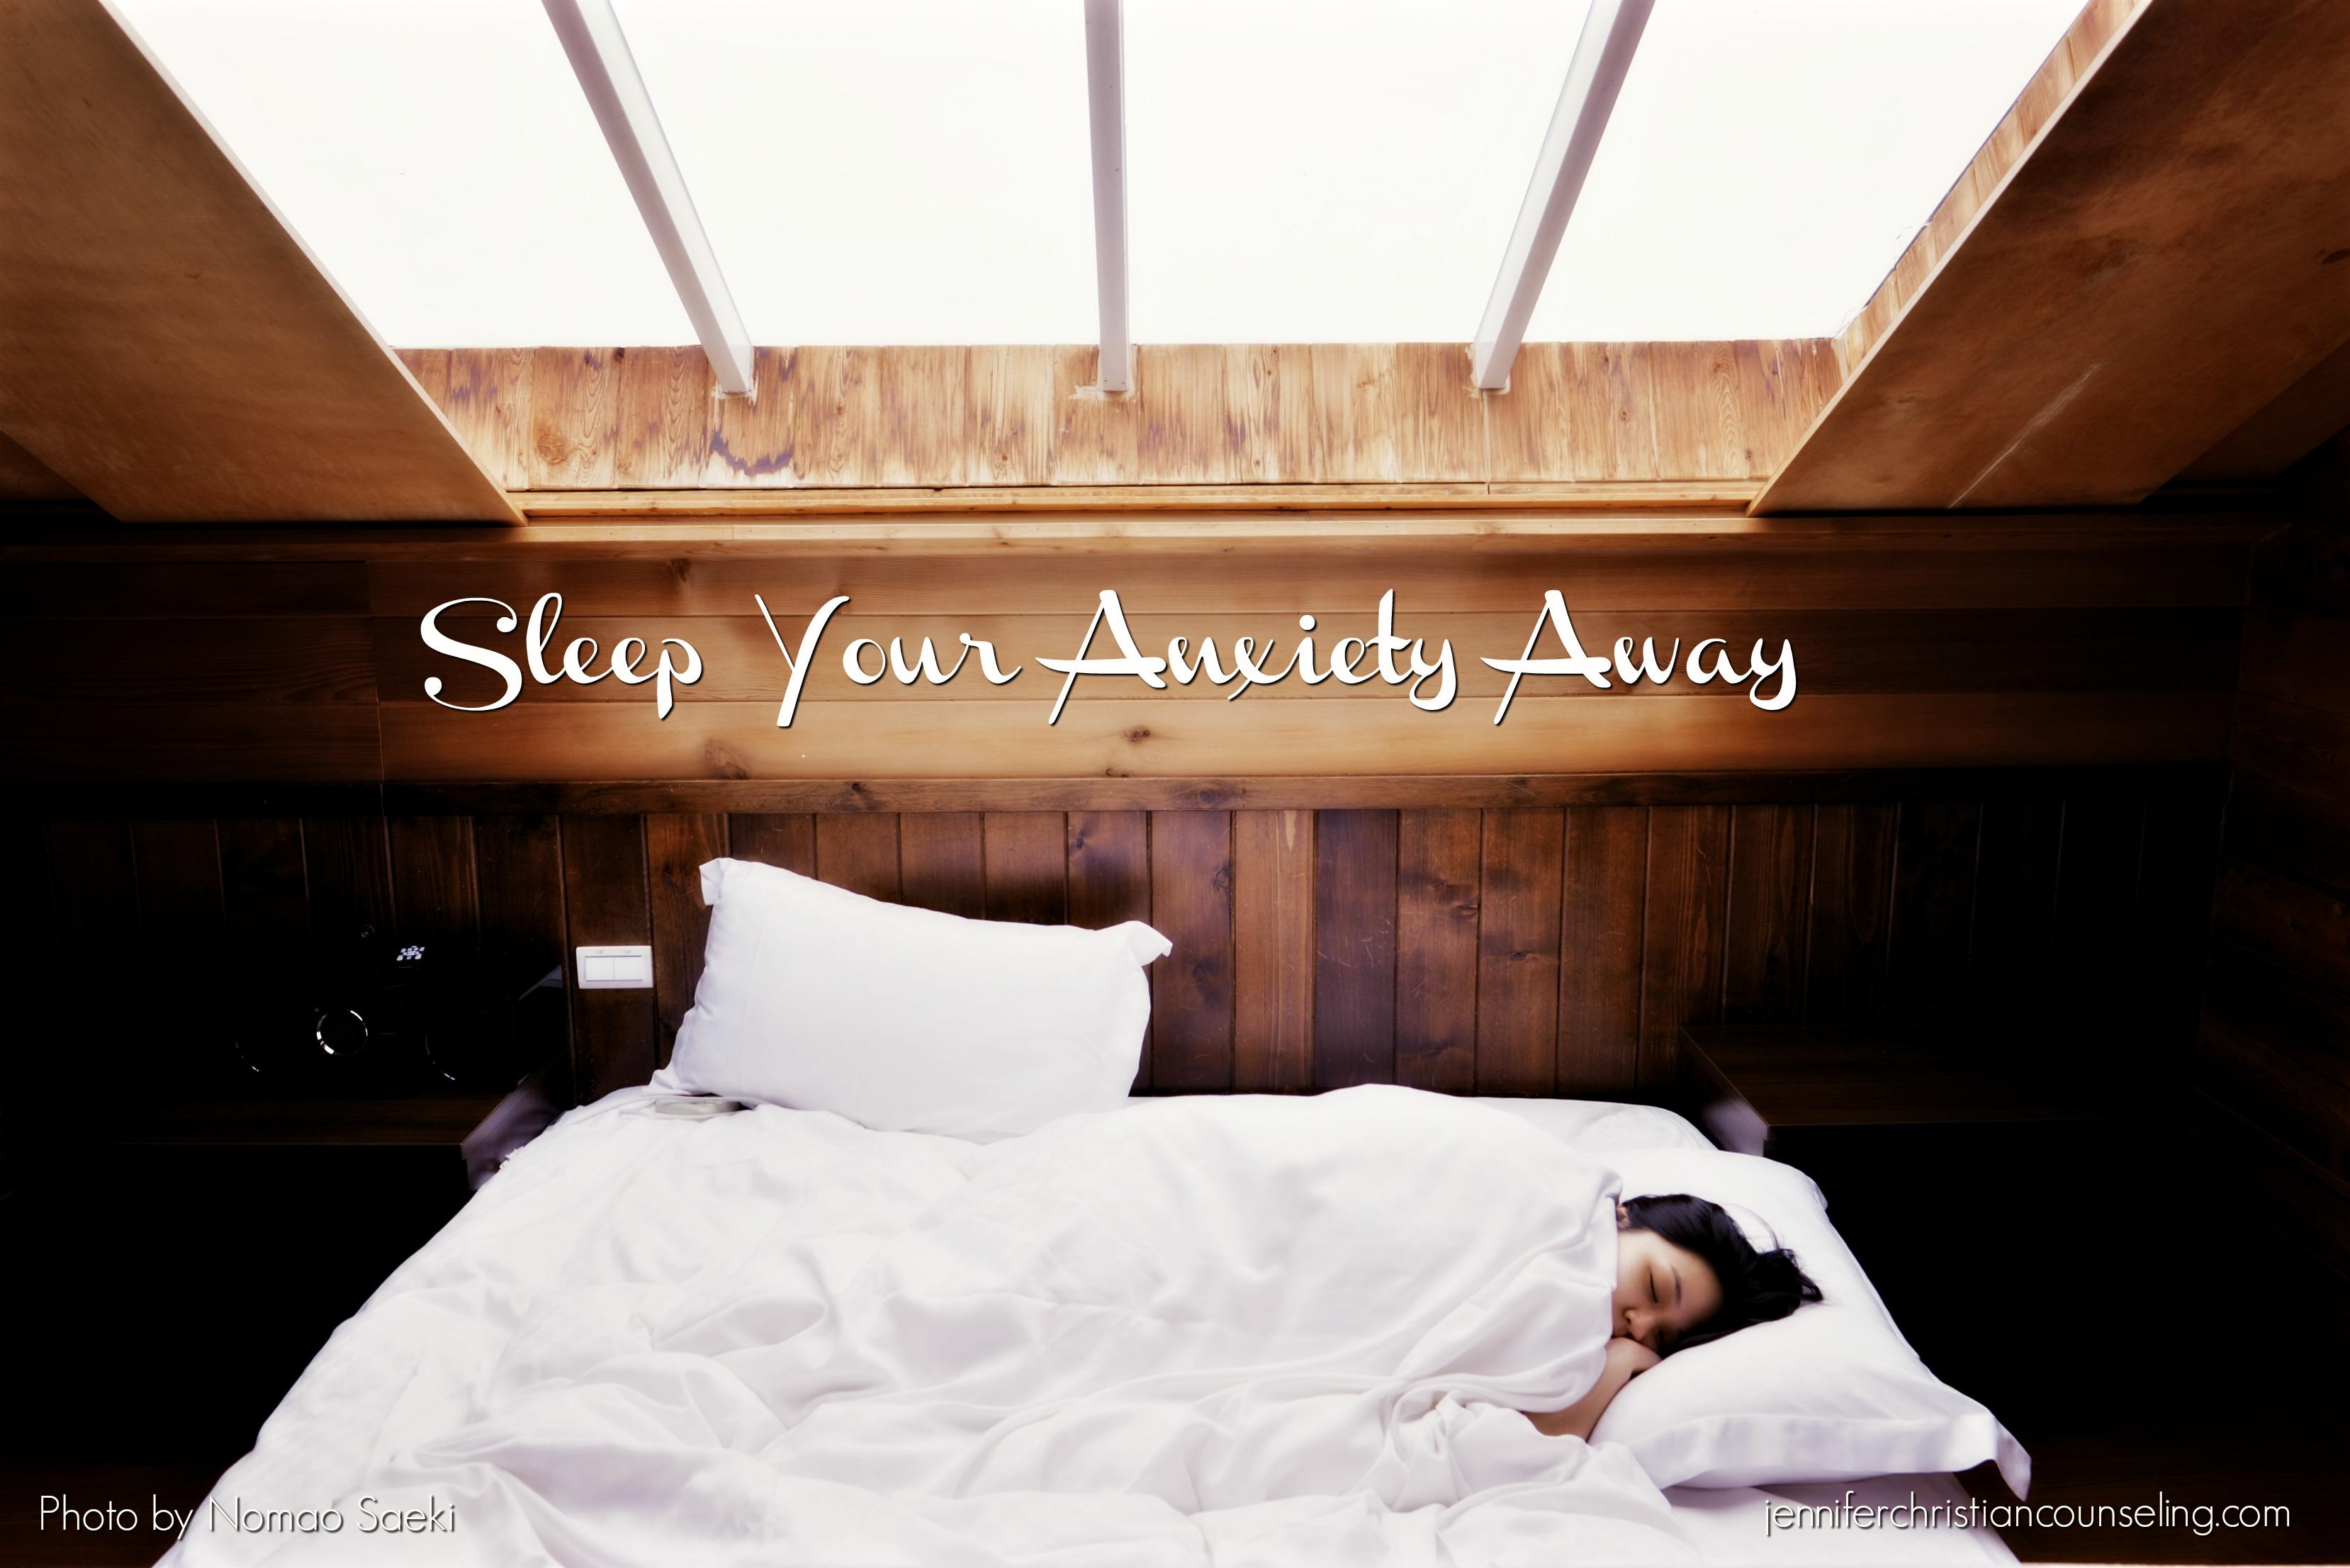 Sleep Your Anxiety Away